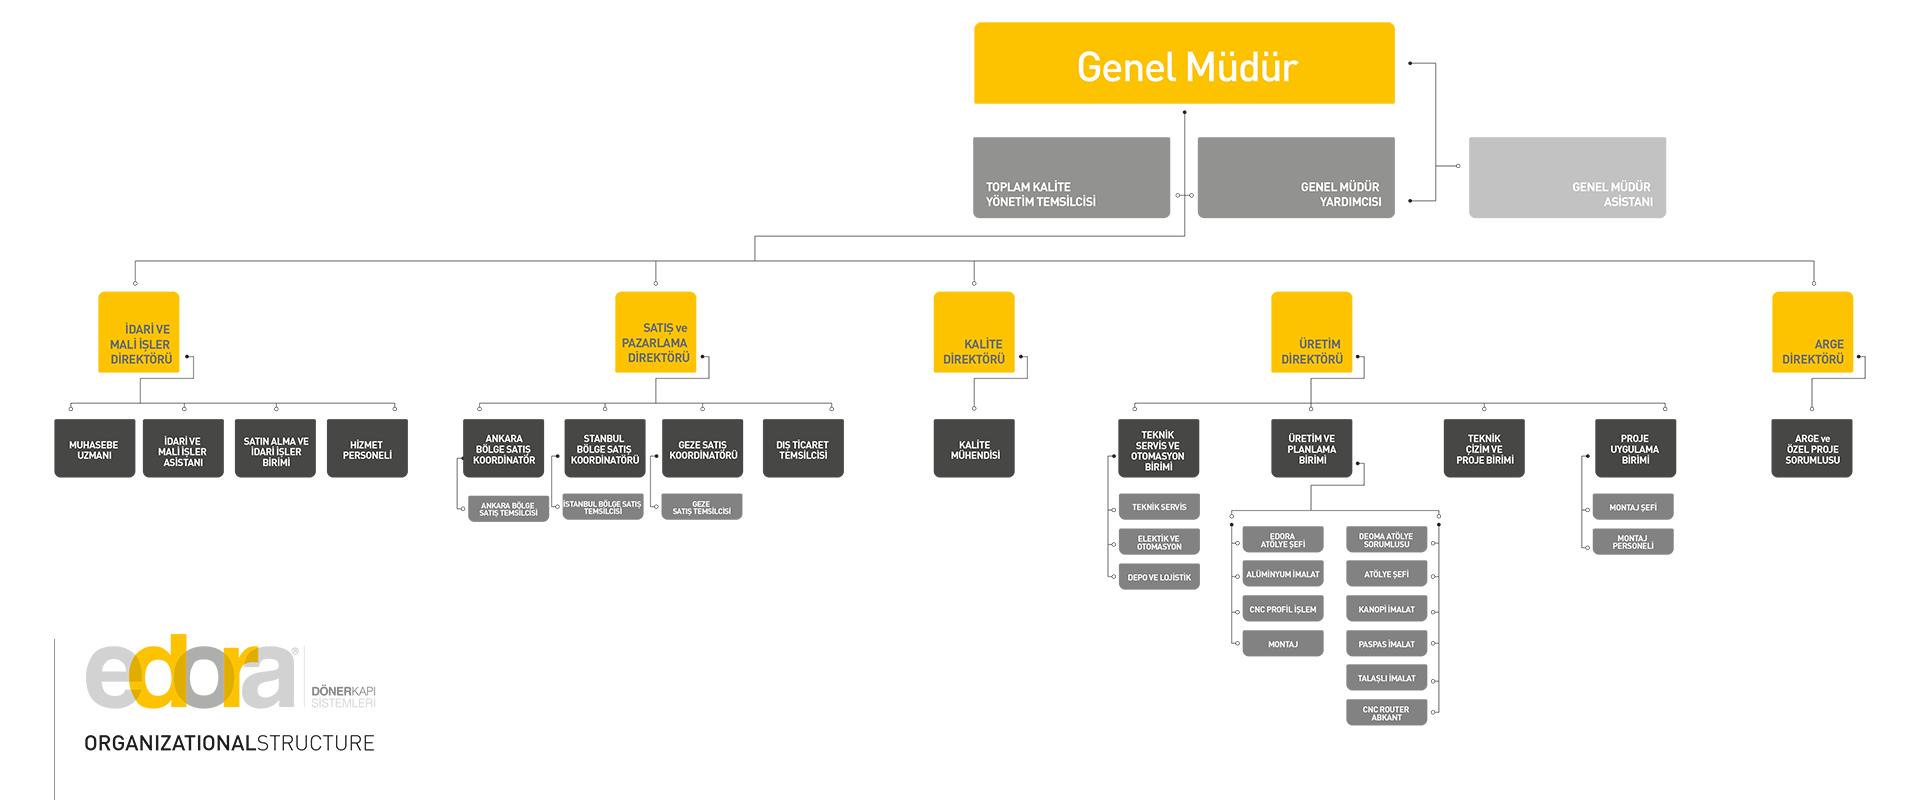 Edora - Organizasyon Şeması